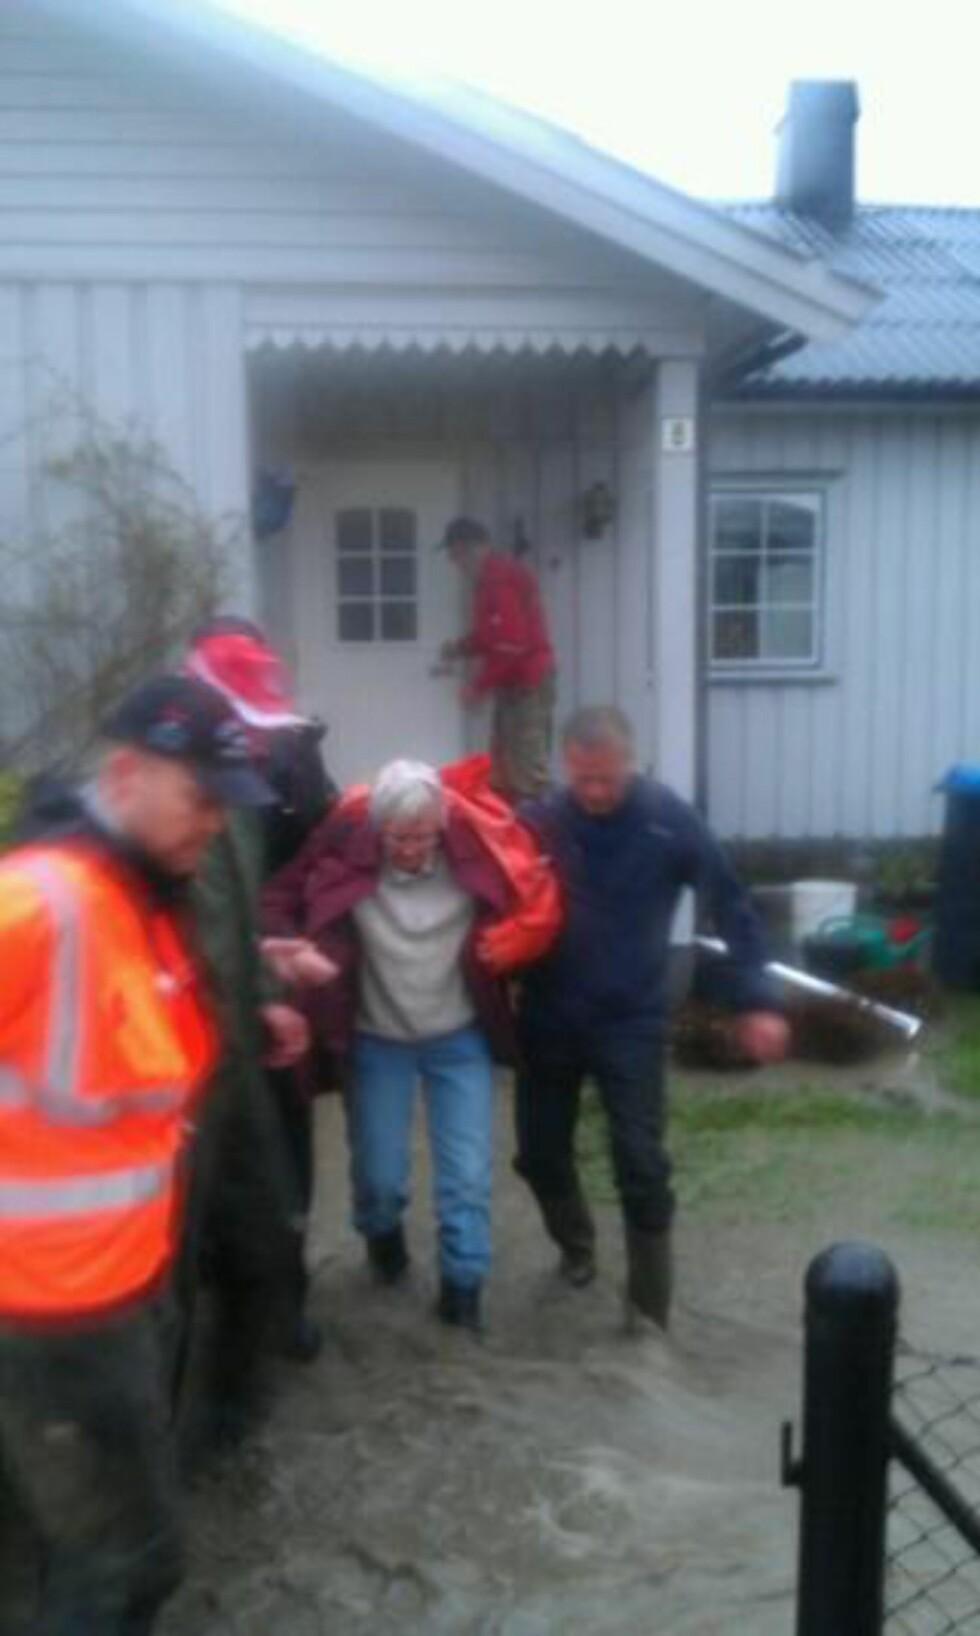 HJELPES I TRYGGHET:  Mannskaper hjelper denne kvinnen å komme i sikkerhet fra vannmasser mot hjemmet i Kvam sentrum onsdag kveld. FOTO: TONE SIDSEL SANDEN/DØLEN.